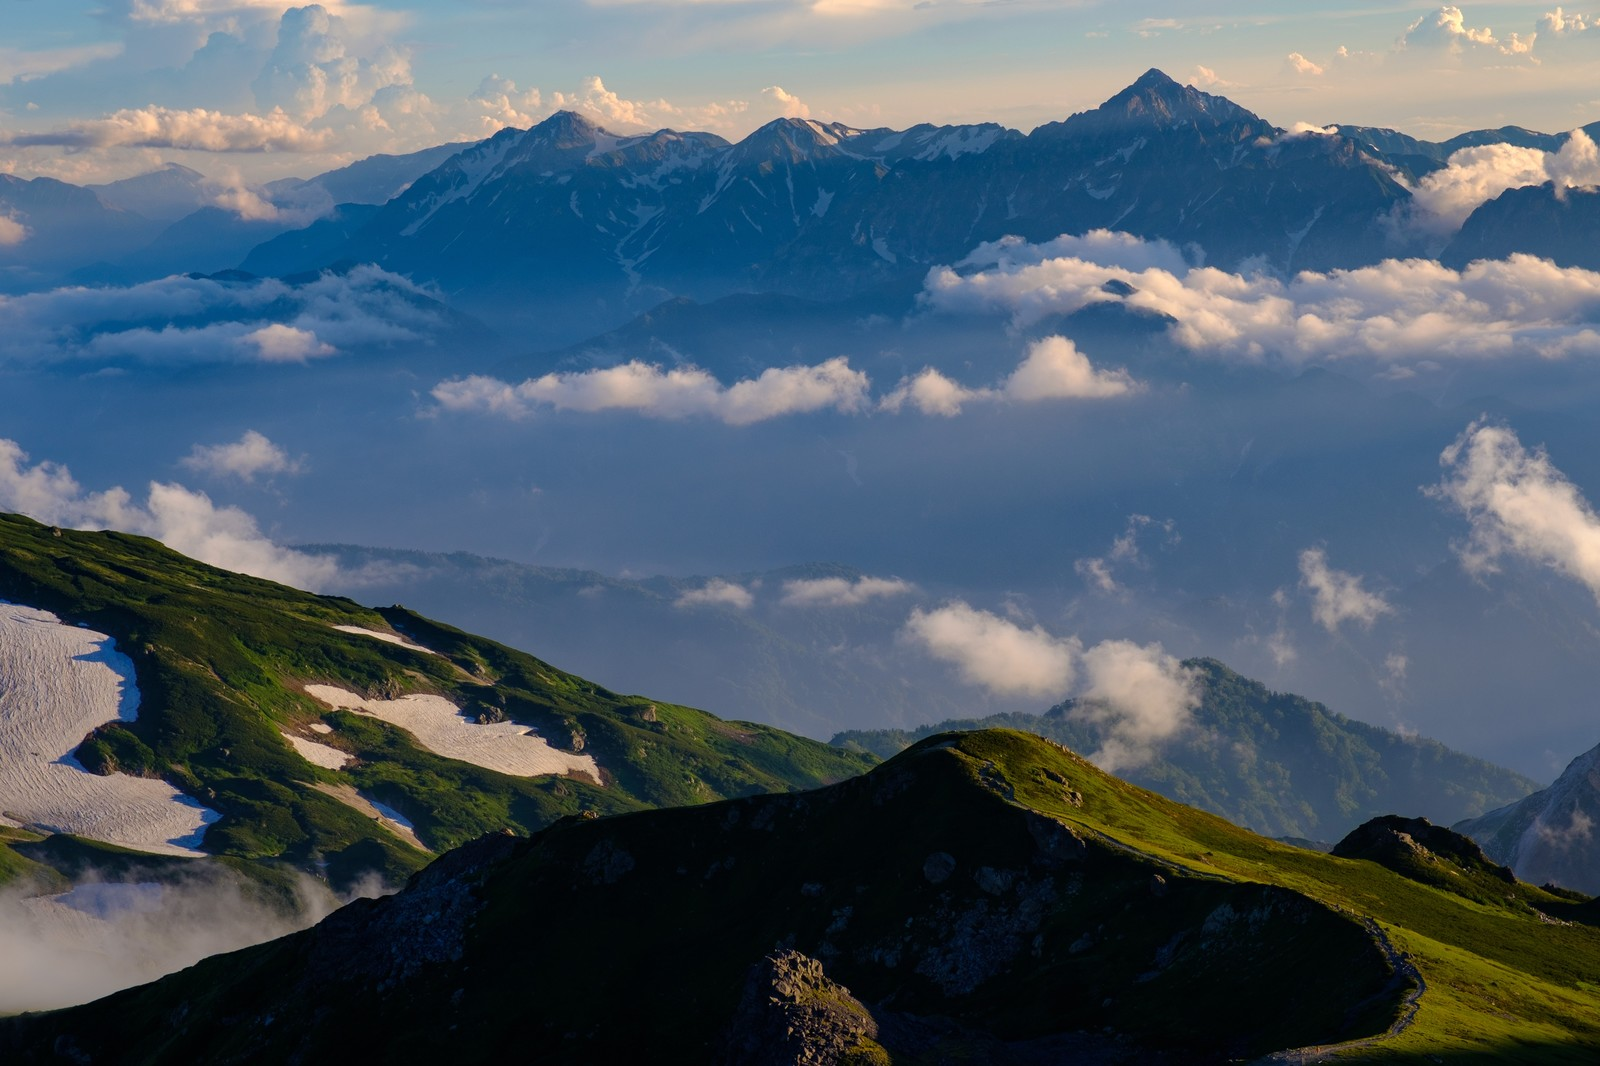 「霞の向こうに見える立山連峰と剱岳」の写真